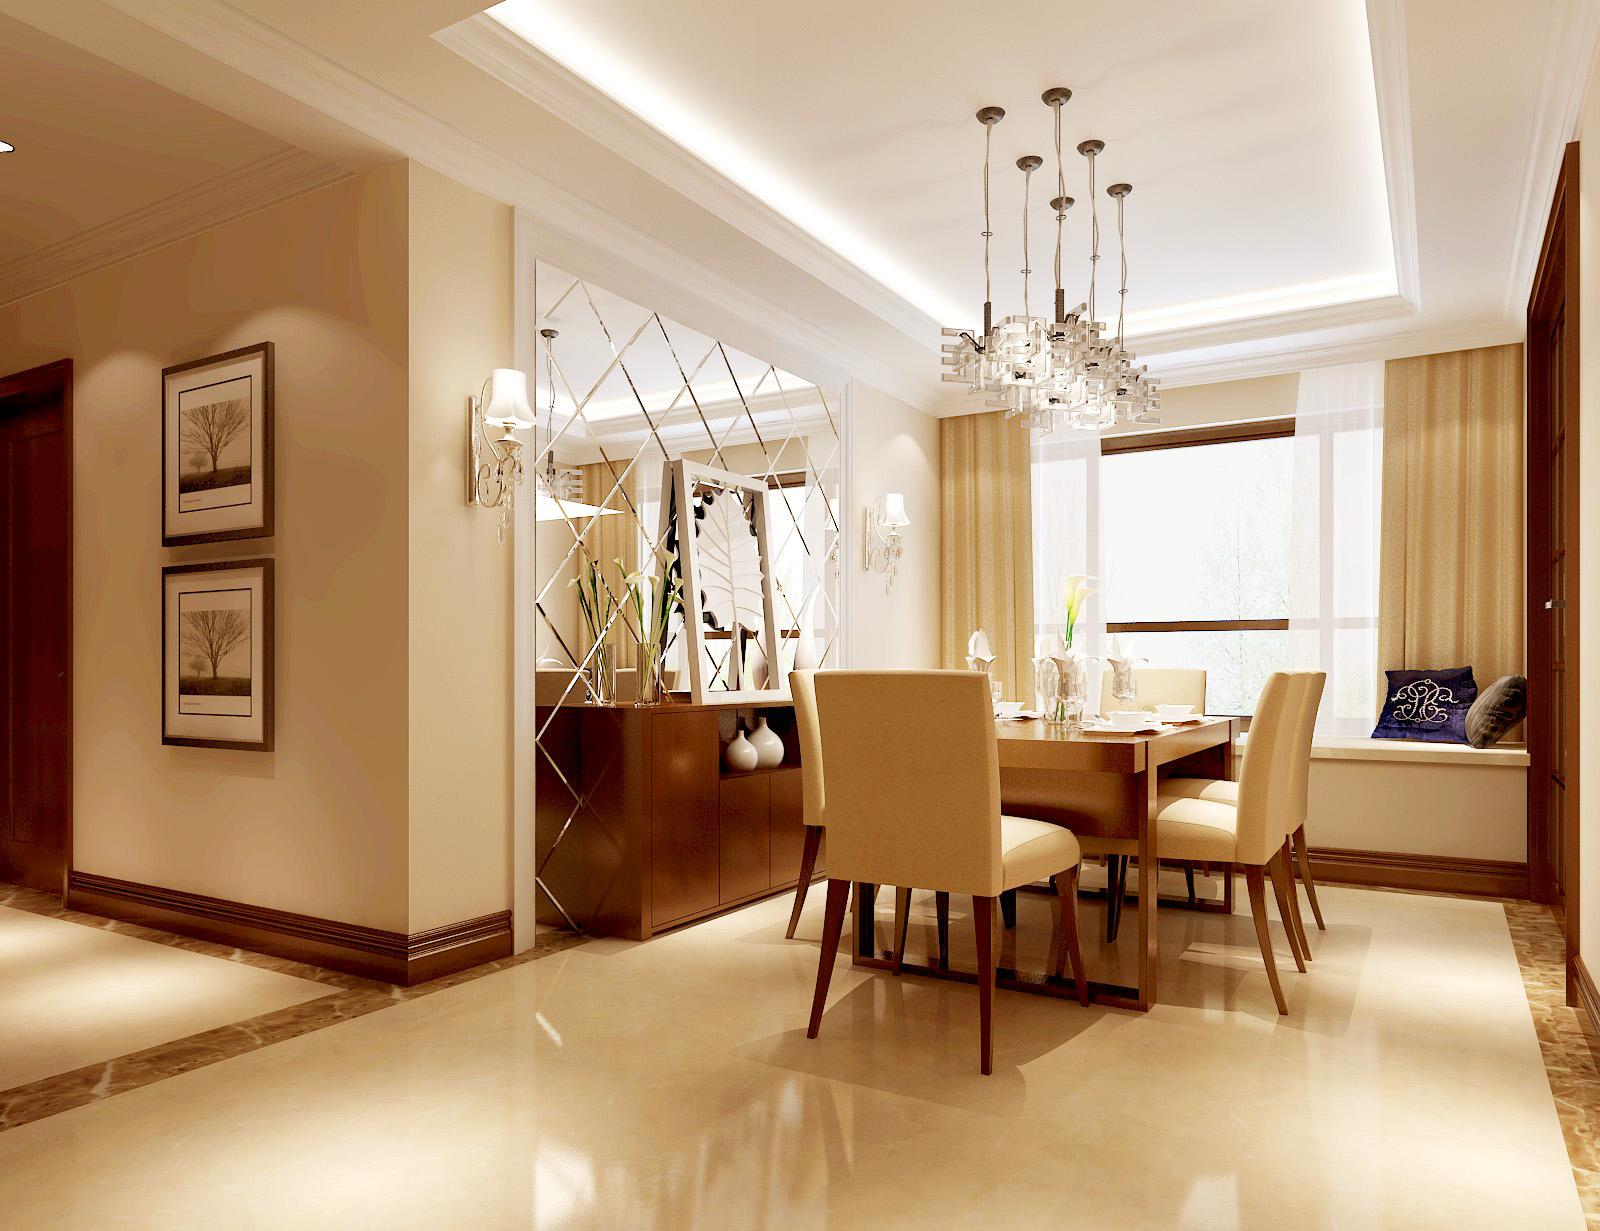 香悦四季 高度国际 公寓 简约 欧式 白领 80后 白富美 高富帅 餐厅图片来自北京高度国际装饰设计在香悦四季的分享